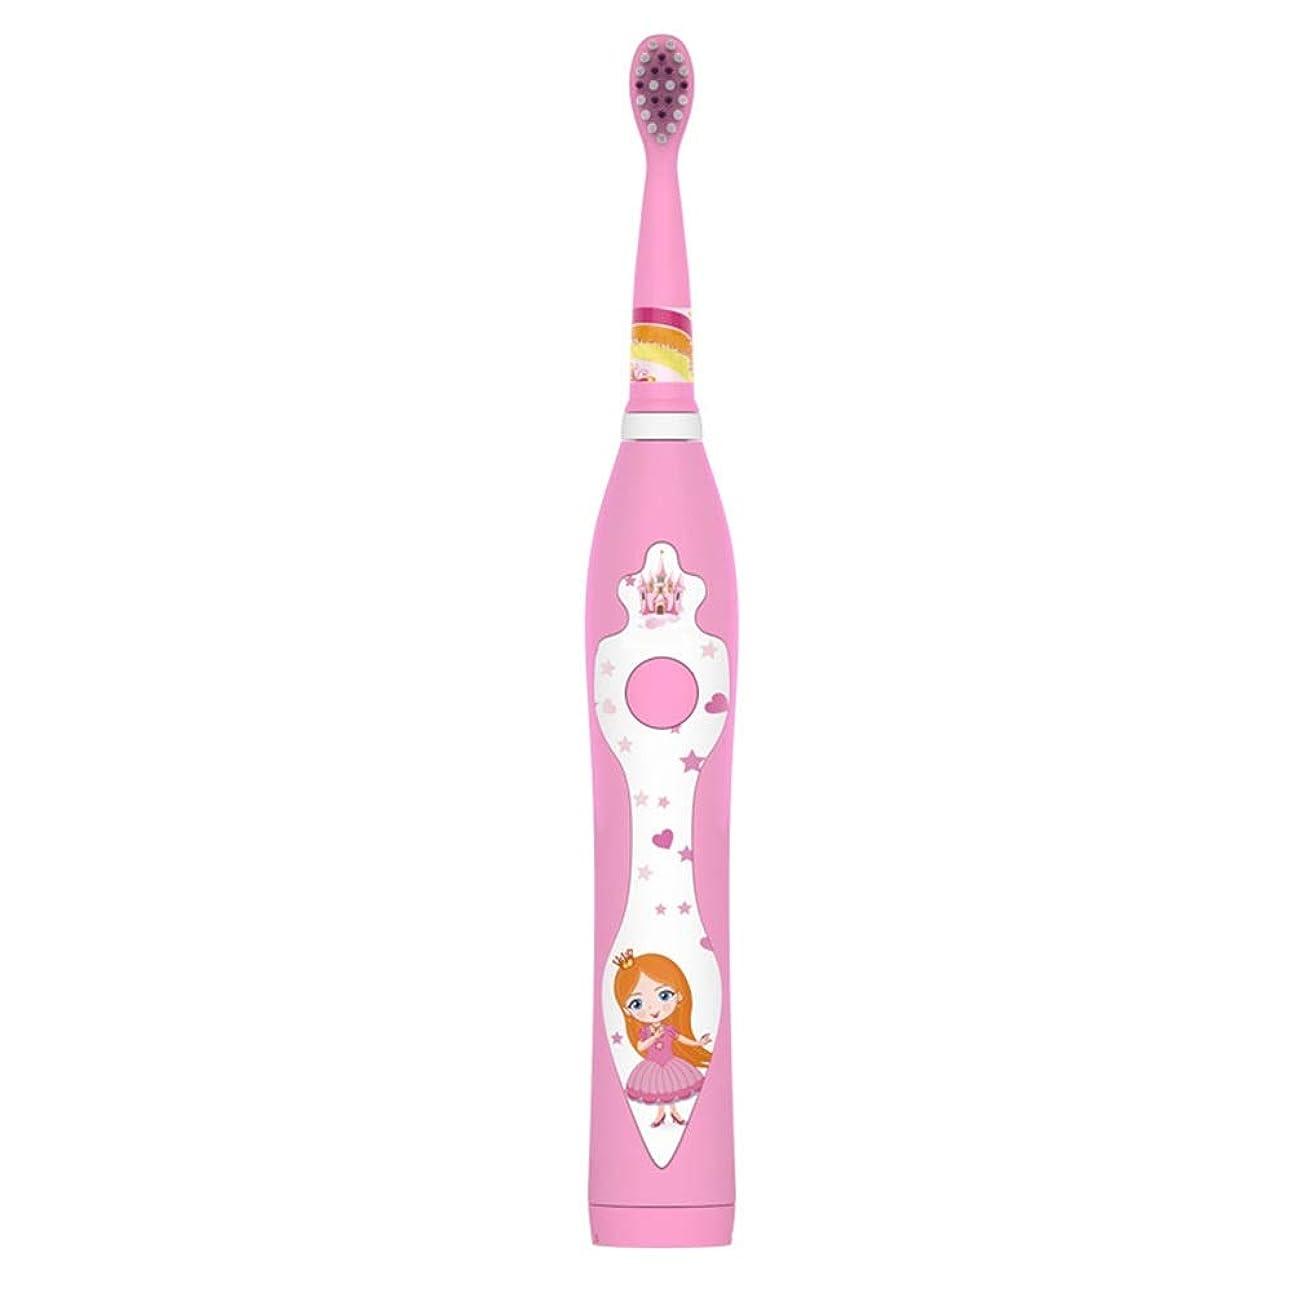 十代ささやき子犬電動歯ブラシ 子供の電動歯ブラシかわいいUSB充電式歯ブラシ付きホルダーと2個の交換用ヘッド、毎日の使用 大人と子供向け (色 : ピンク, サイズ : Free size)